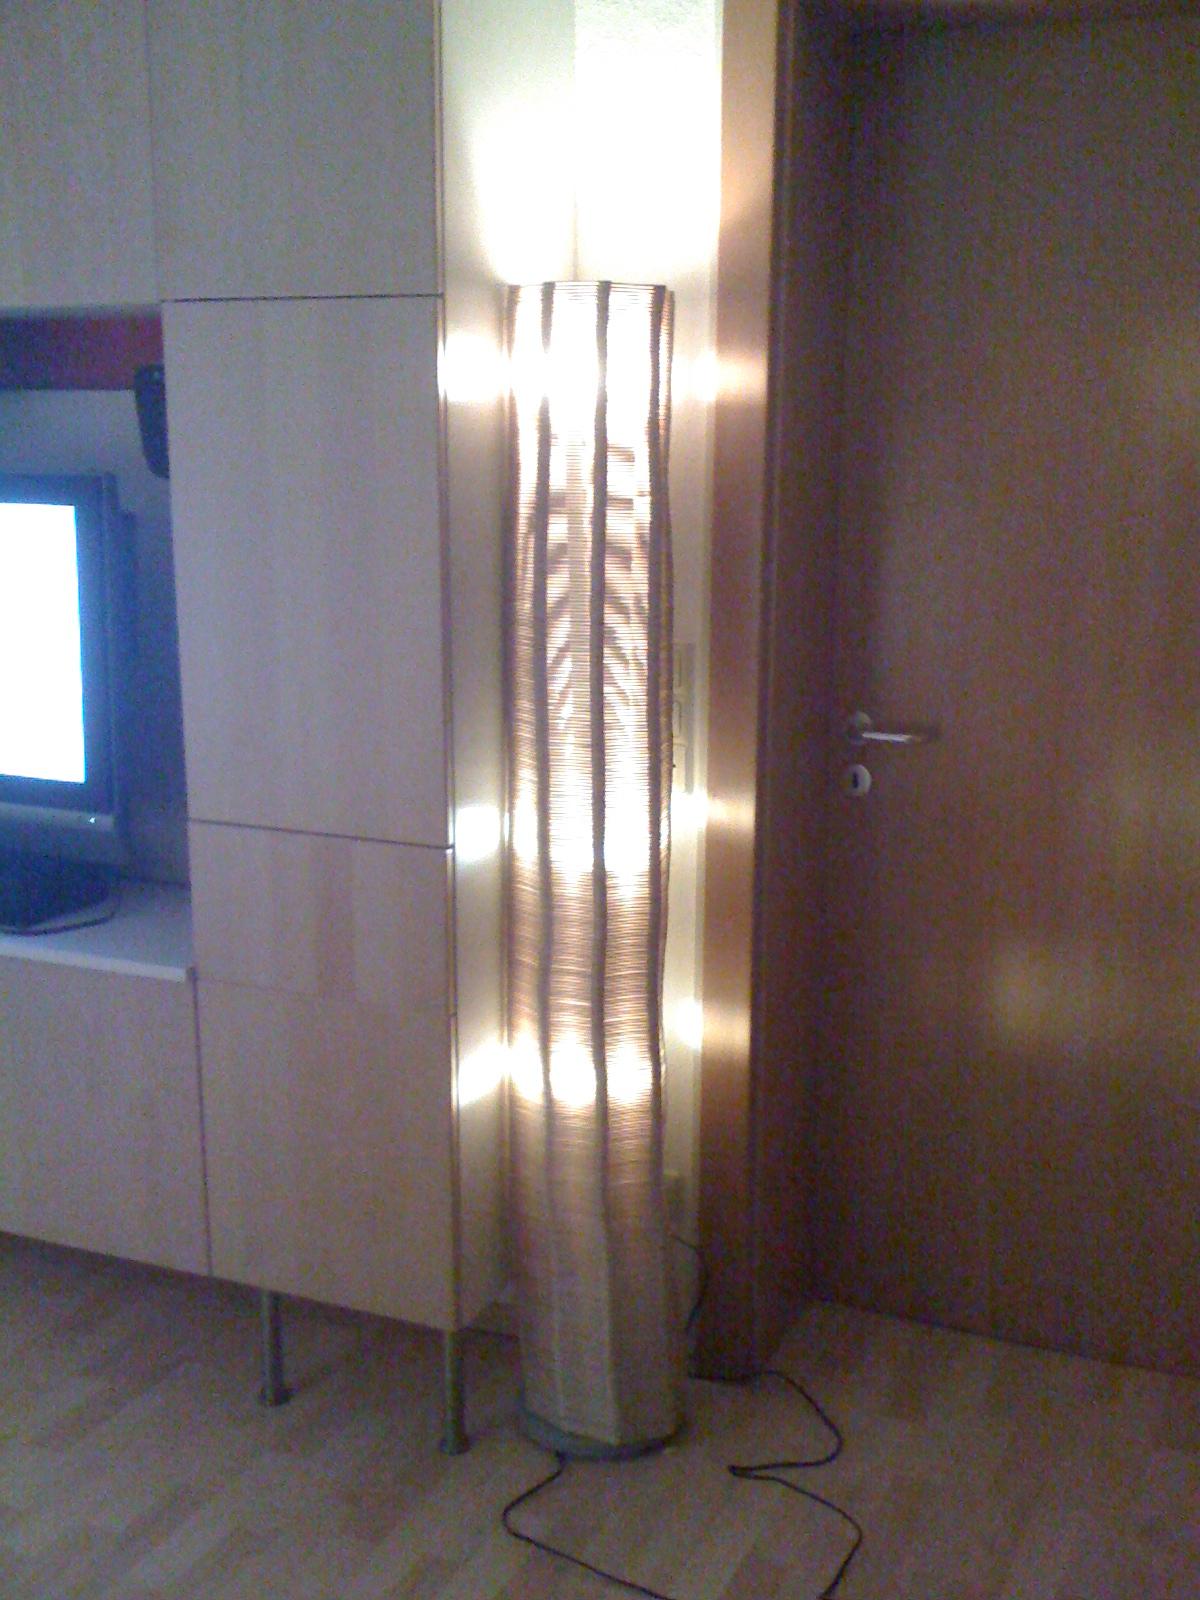 Full Size of Designer Stehlampe Aus Eisstielen Betten Holz Holzhaus Garten Schlafzimmer Komplett Massivholz Holzregal Badezimmer Bad Unterschrank Holzhäuser Esstisch Wohnzimmer Ikea Stehlampe Holz